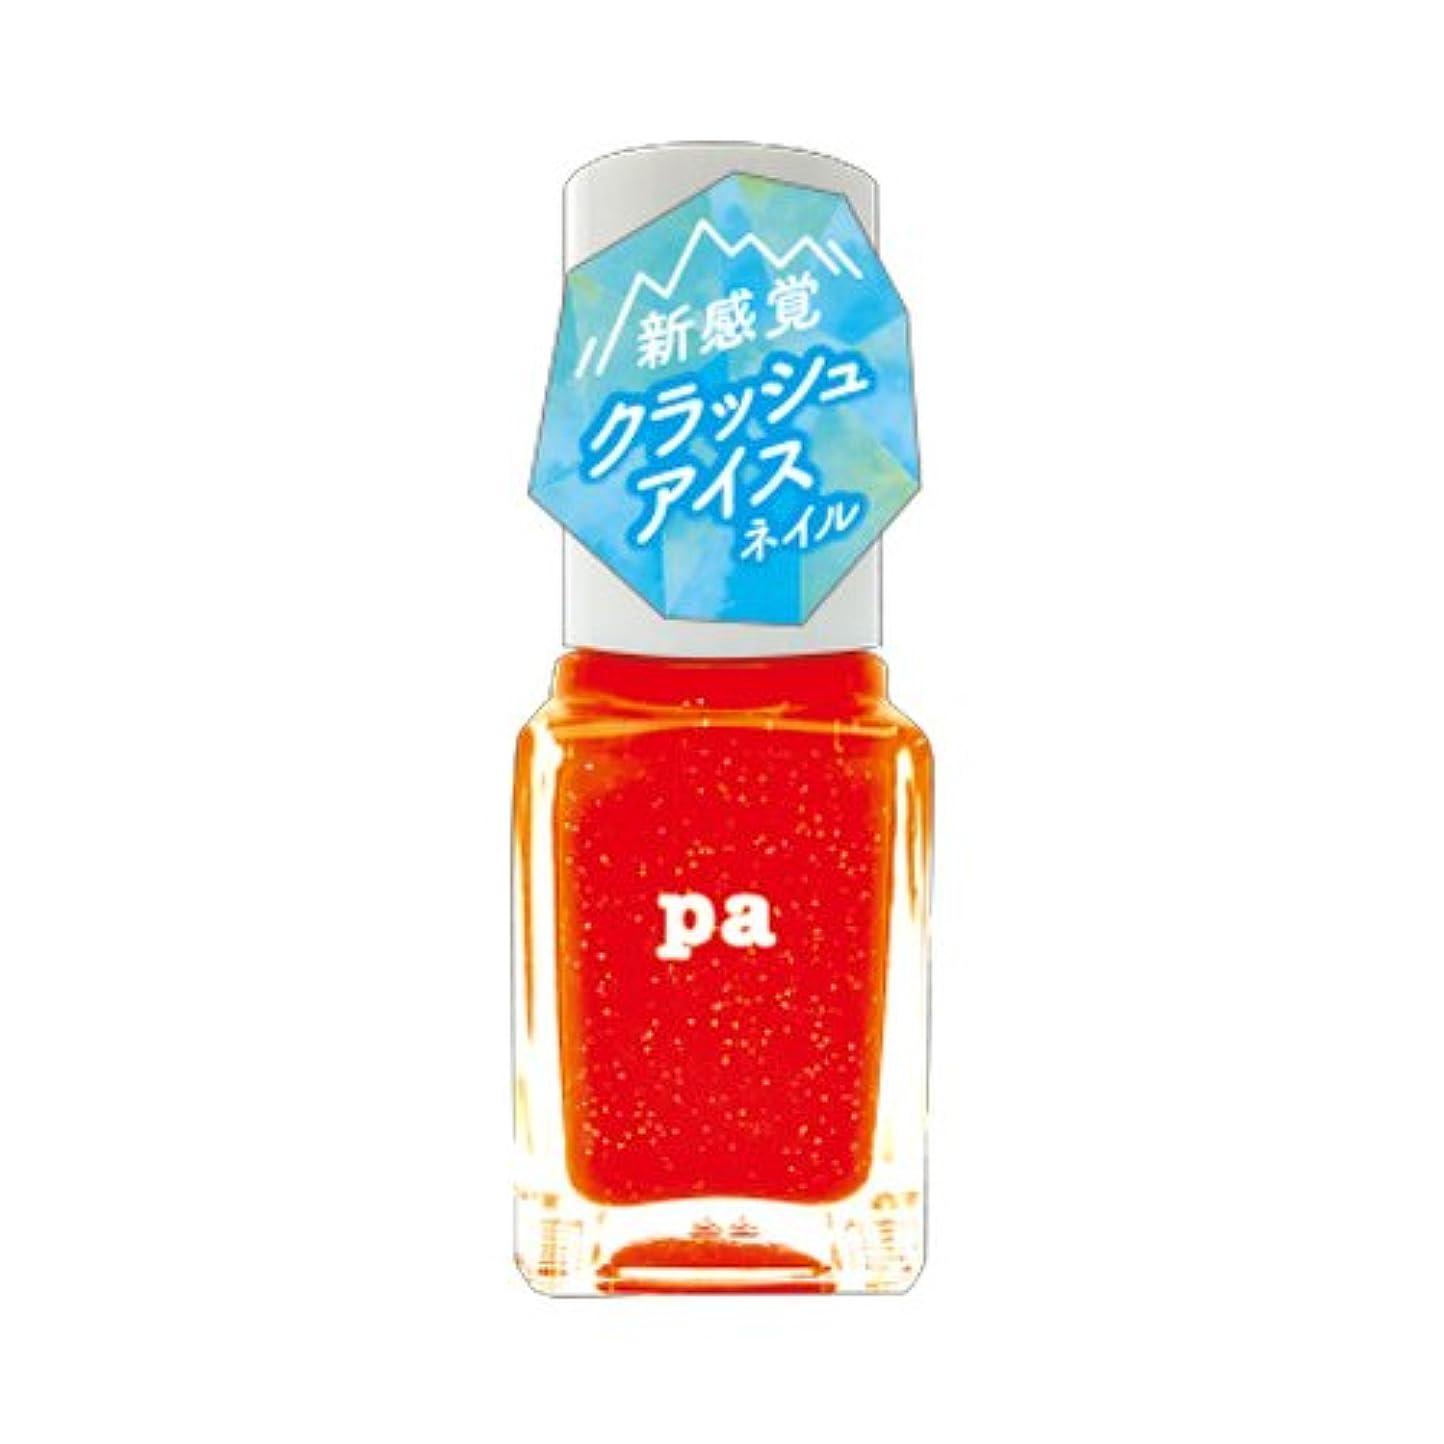 すすり泣き驚かす反発するpa ネイルカラープレミア クラッシュアイスネイル cr03 オレンジマンゴー (6mL)